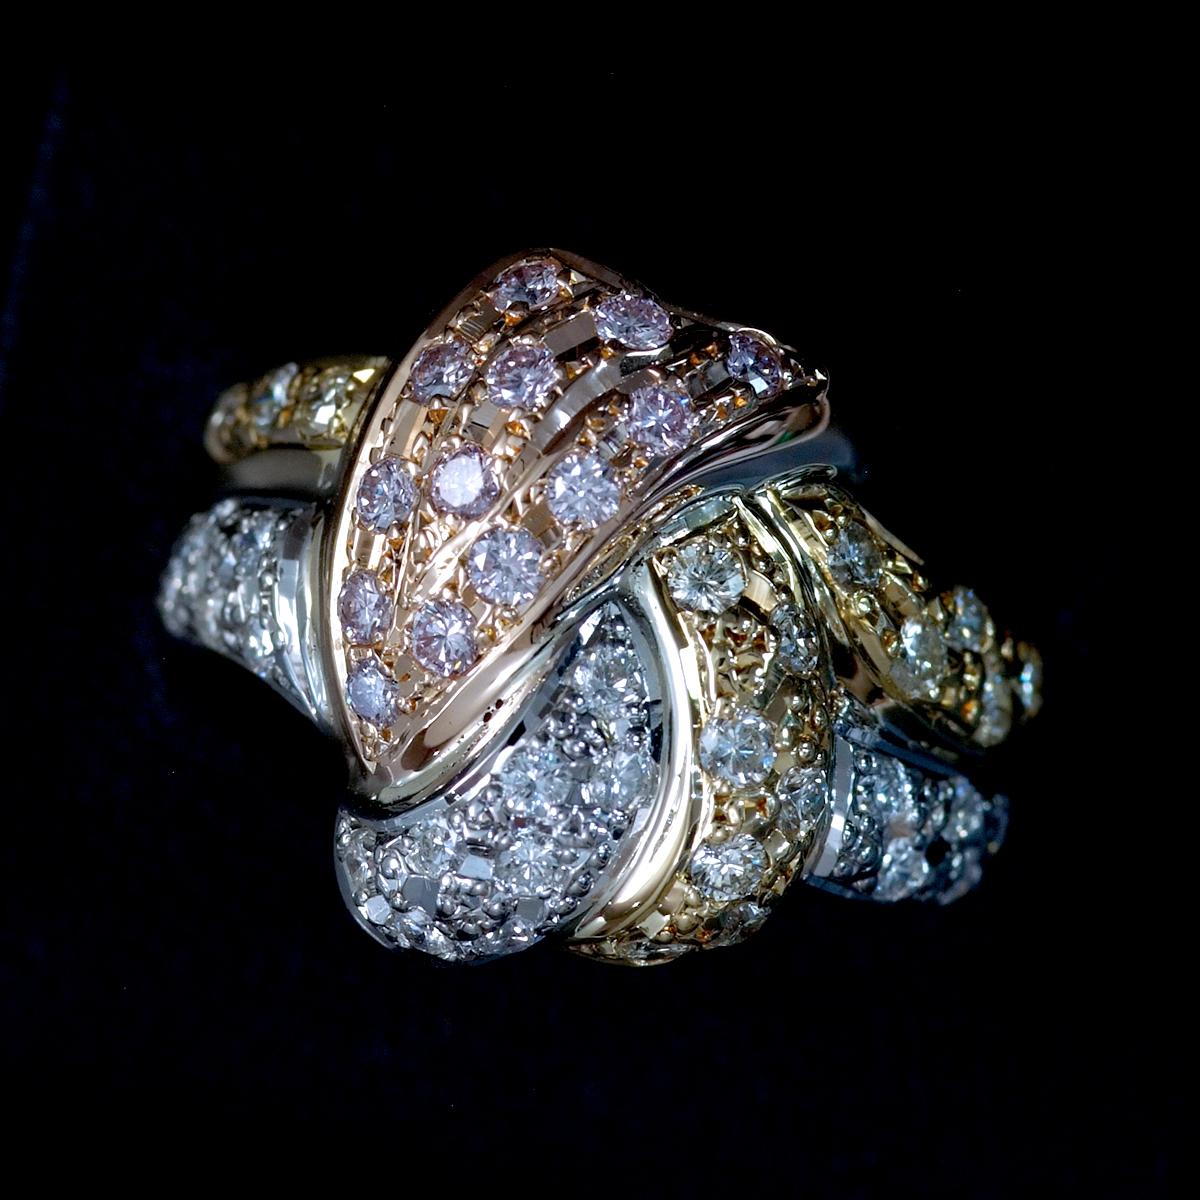 F0169 天然絶品ピンクダイヤモンド、カラーレスダイヤ1.00ct 最高級18金/PG/Pt900無垢リング サイズ12号 重量7.6g 縦幅17.3mm_画像2